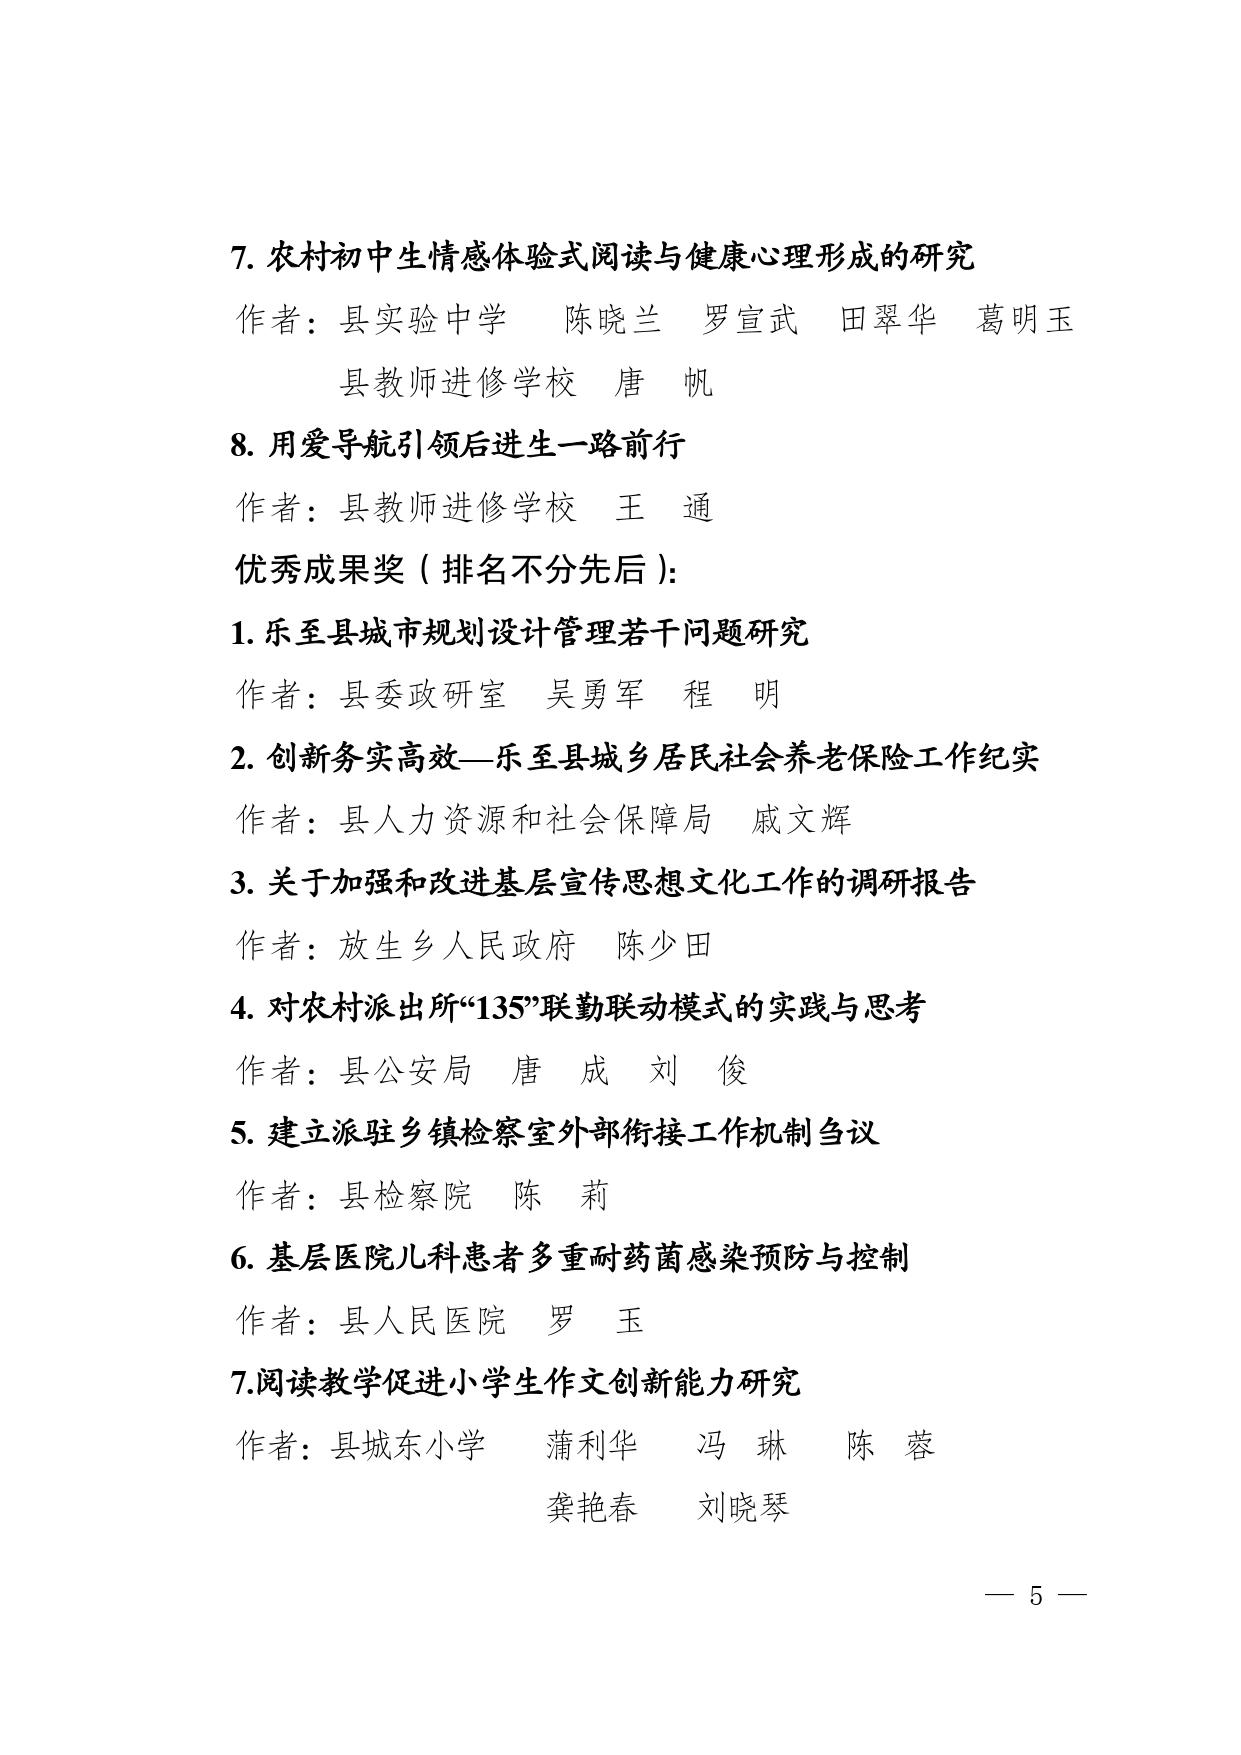 四川人事网官网首页_四川省乐至县中医医院-官网